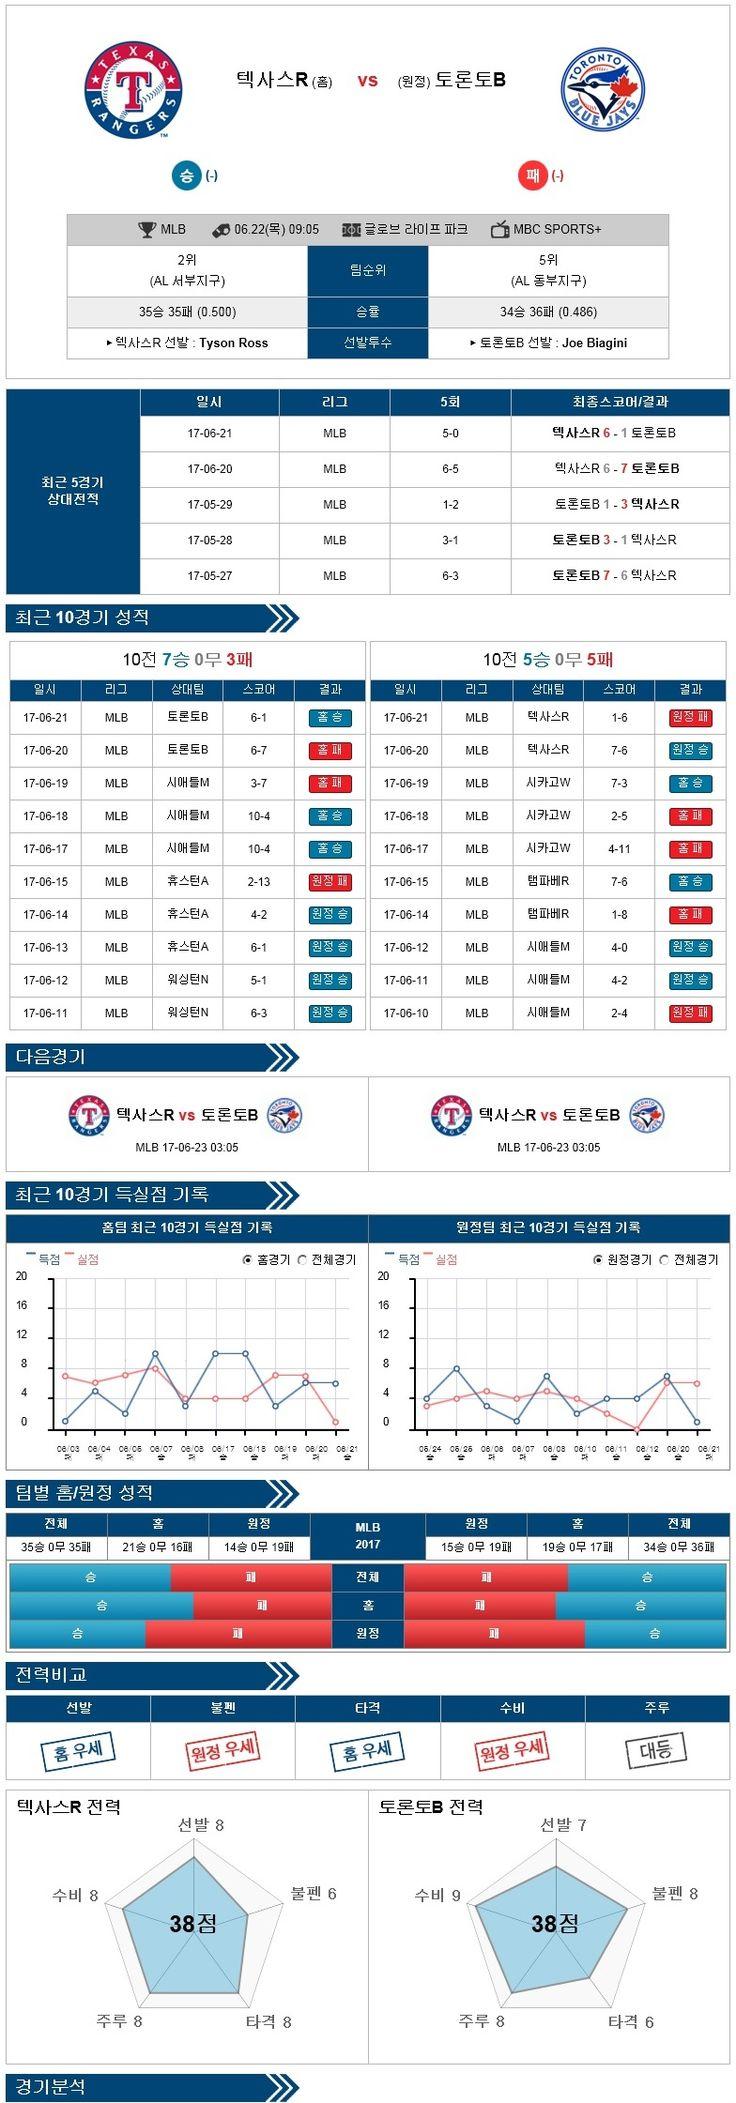 [MLB] 6월 22일 야구분석픽 텍사스 vs 토론토 ★토토군 분석픽★